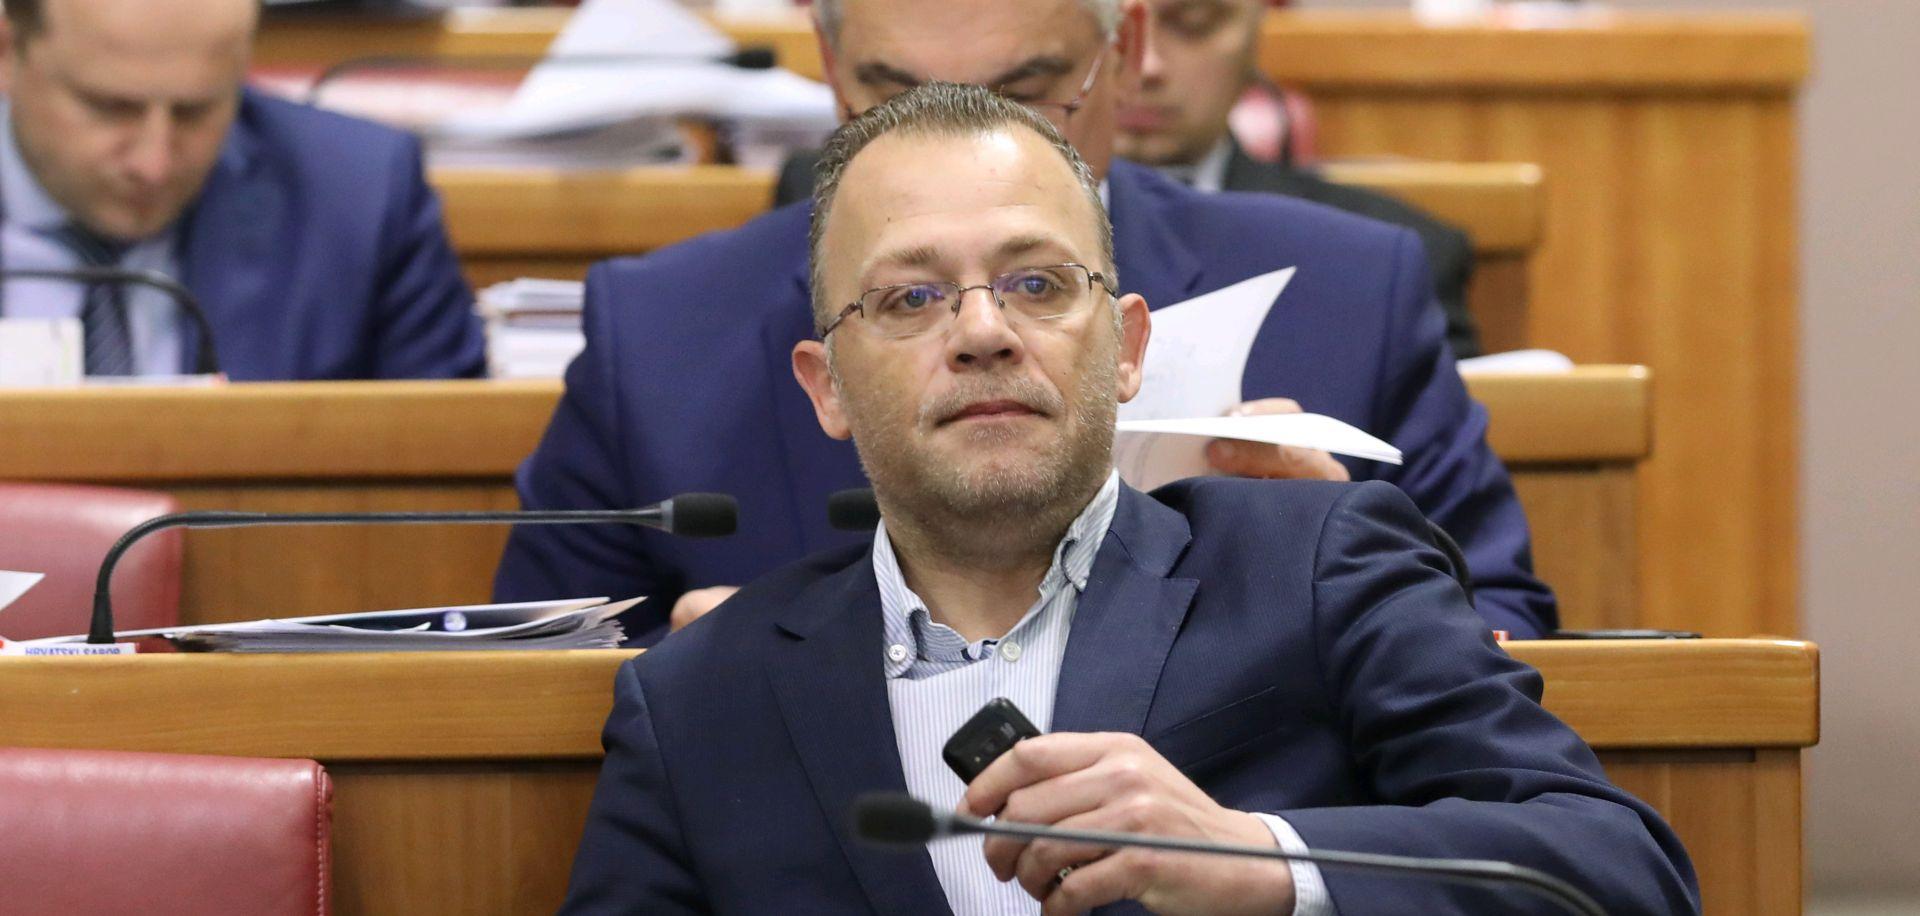 Glumci Drame HNK-a protiv imenovanja Hasanbegovića u Kazališno vijeće